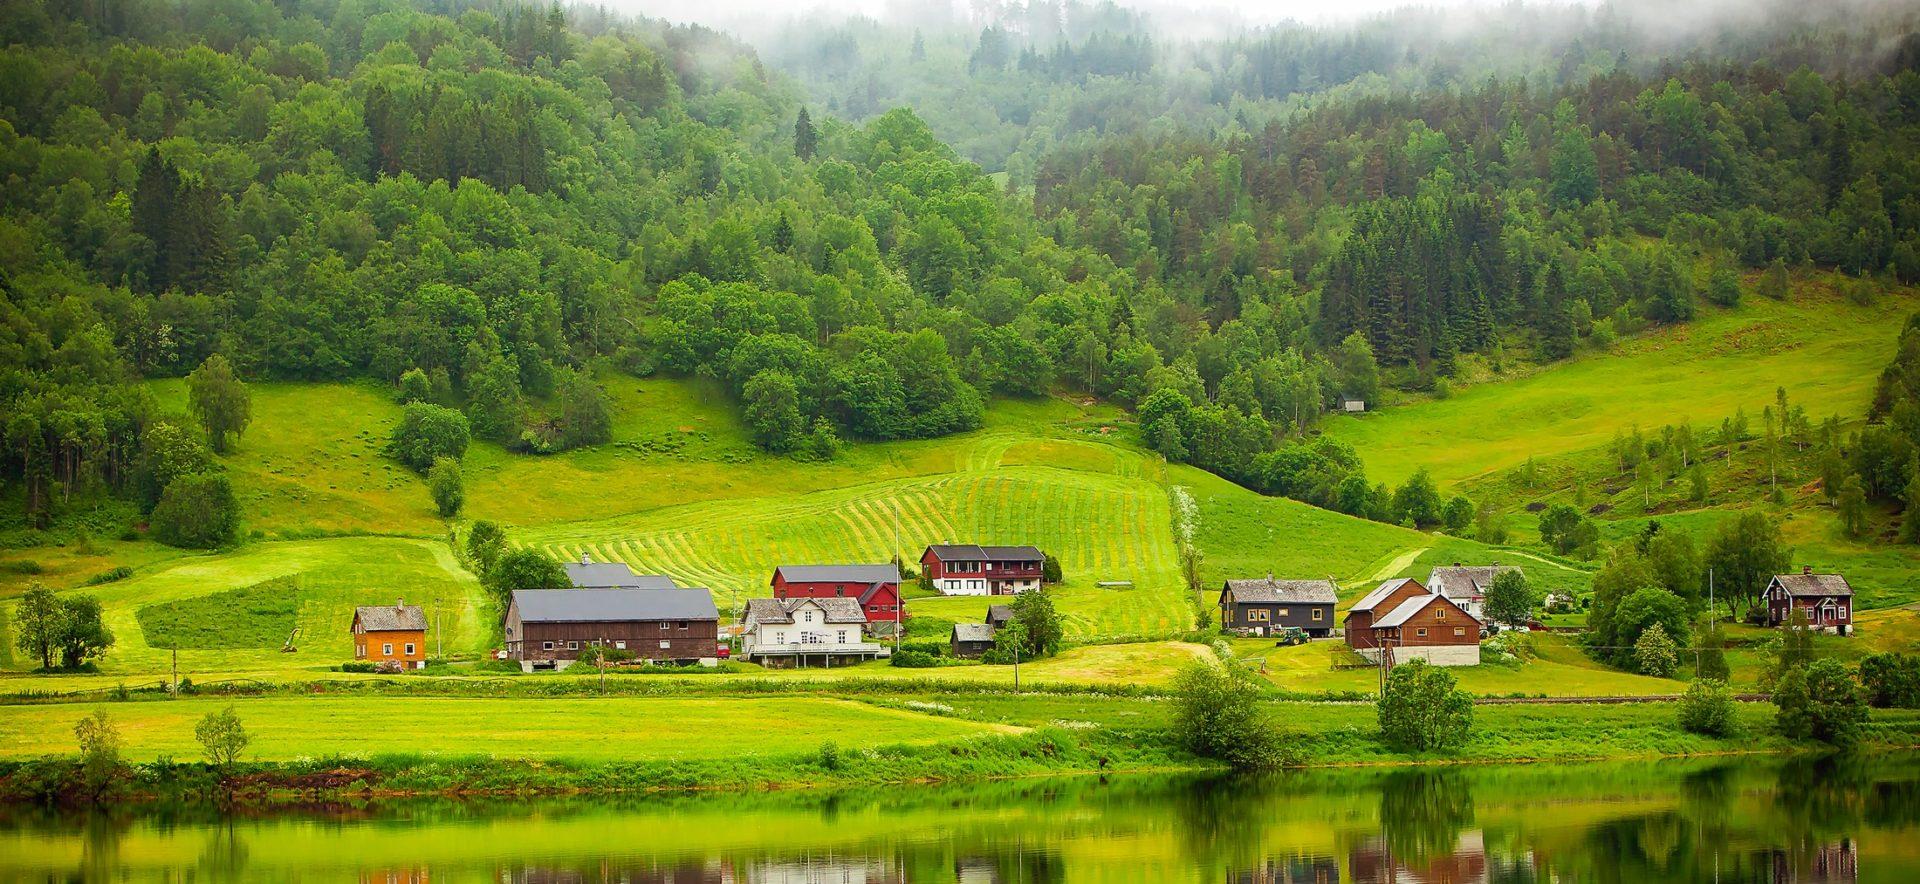 Framtidsretta Landbruk